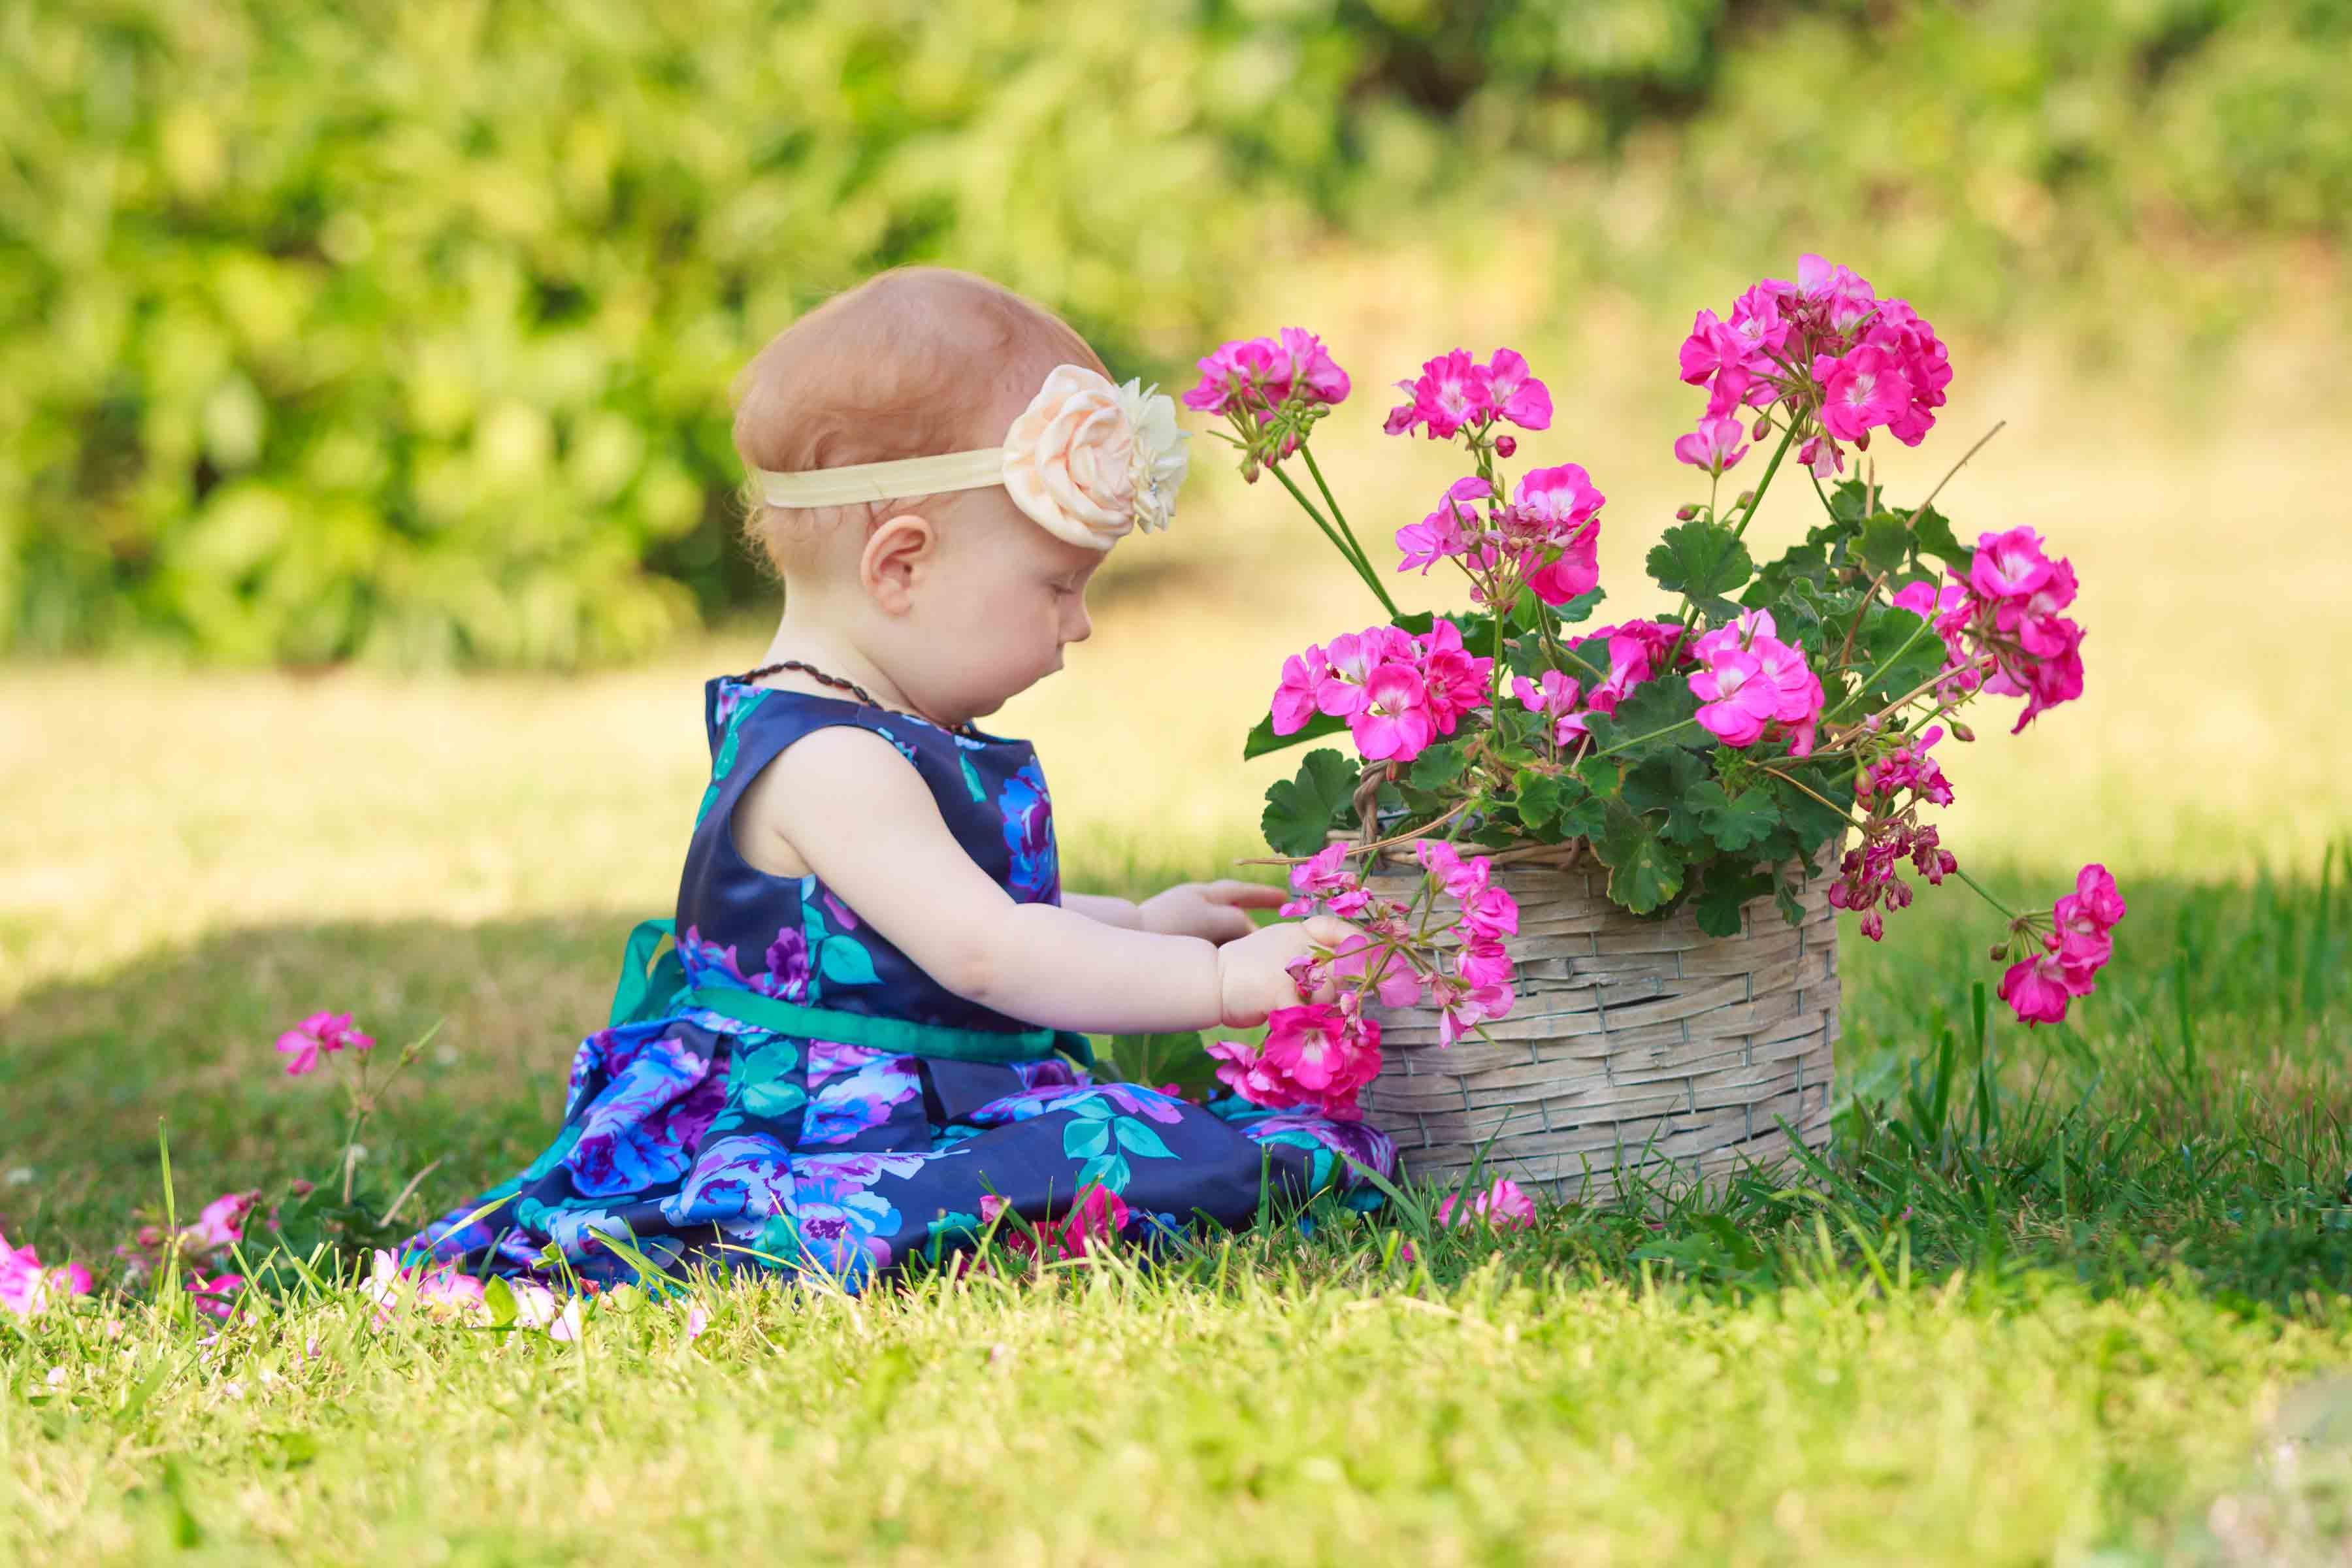 Babyshooting und Familienportraits mit Glücksfaktor und Sommerfeeling IMG 4277-2w